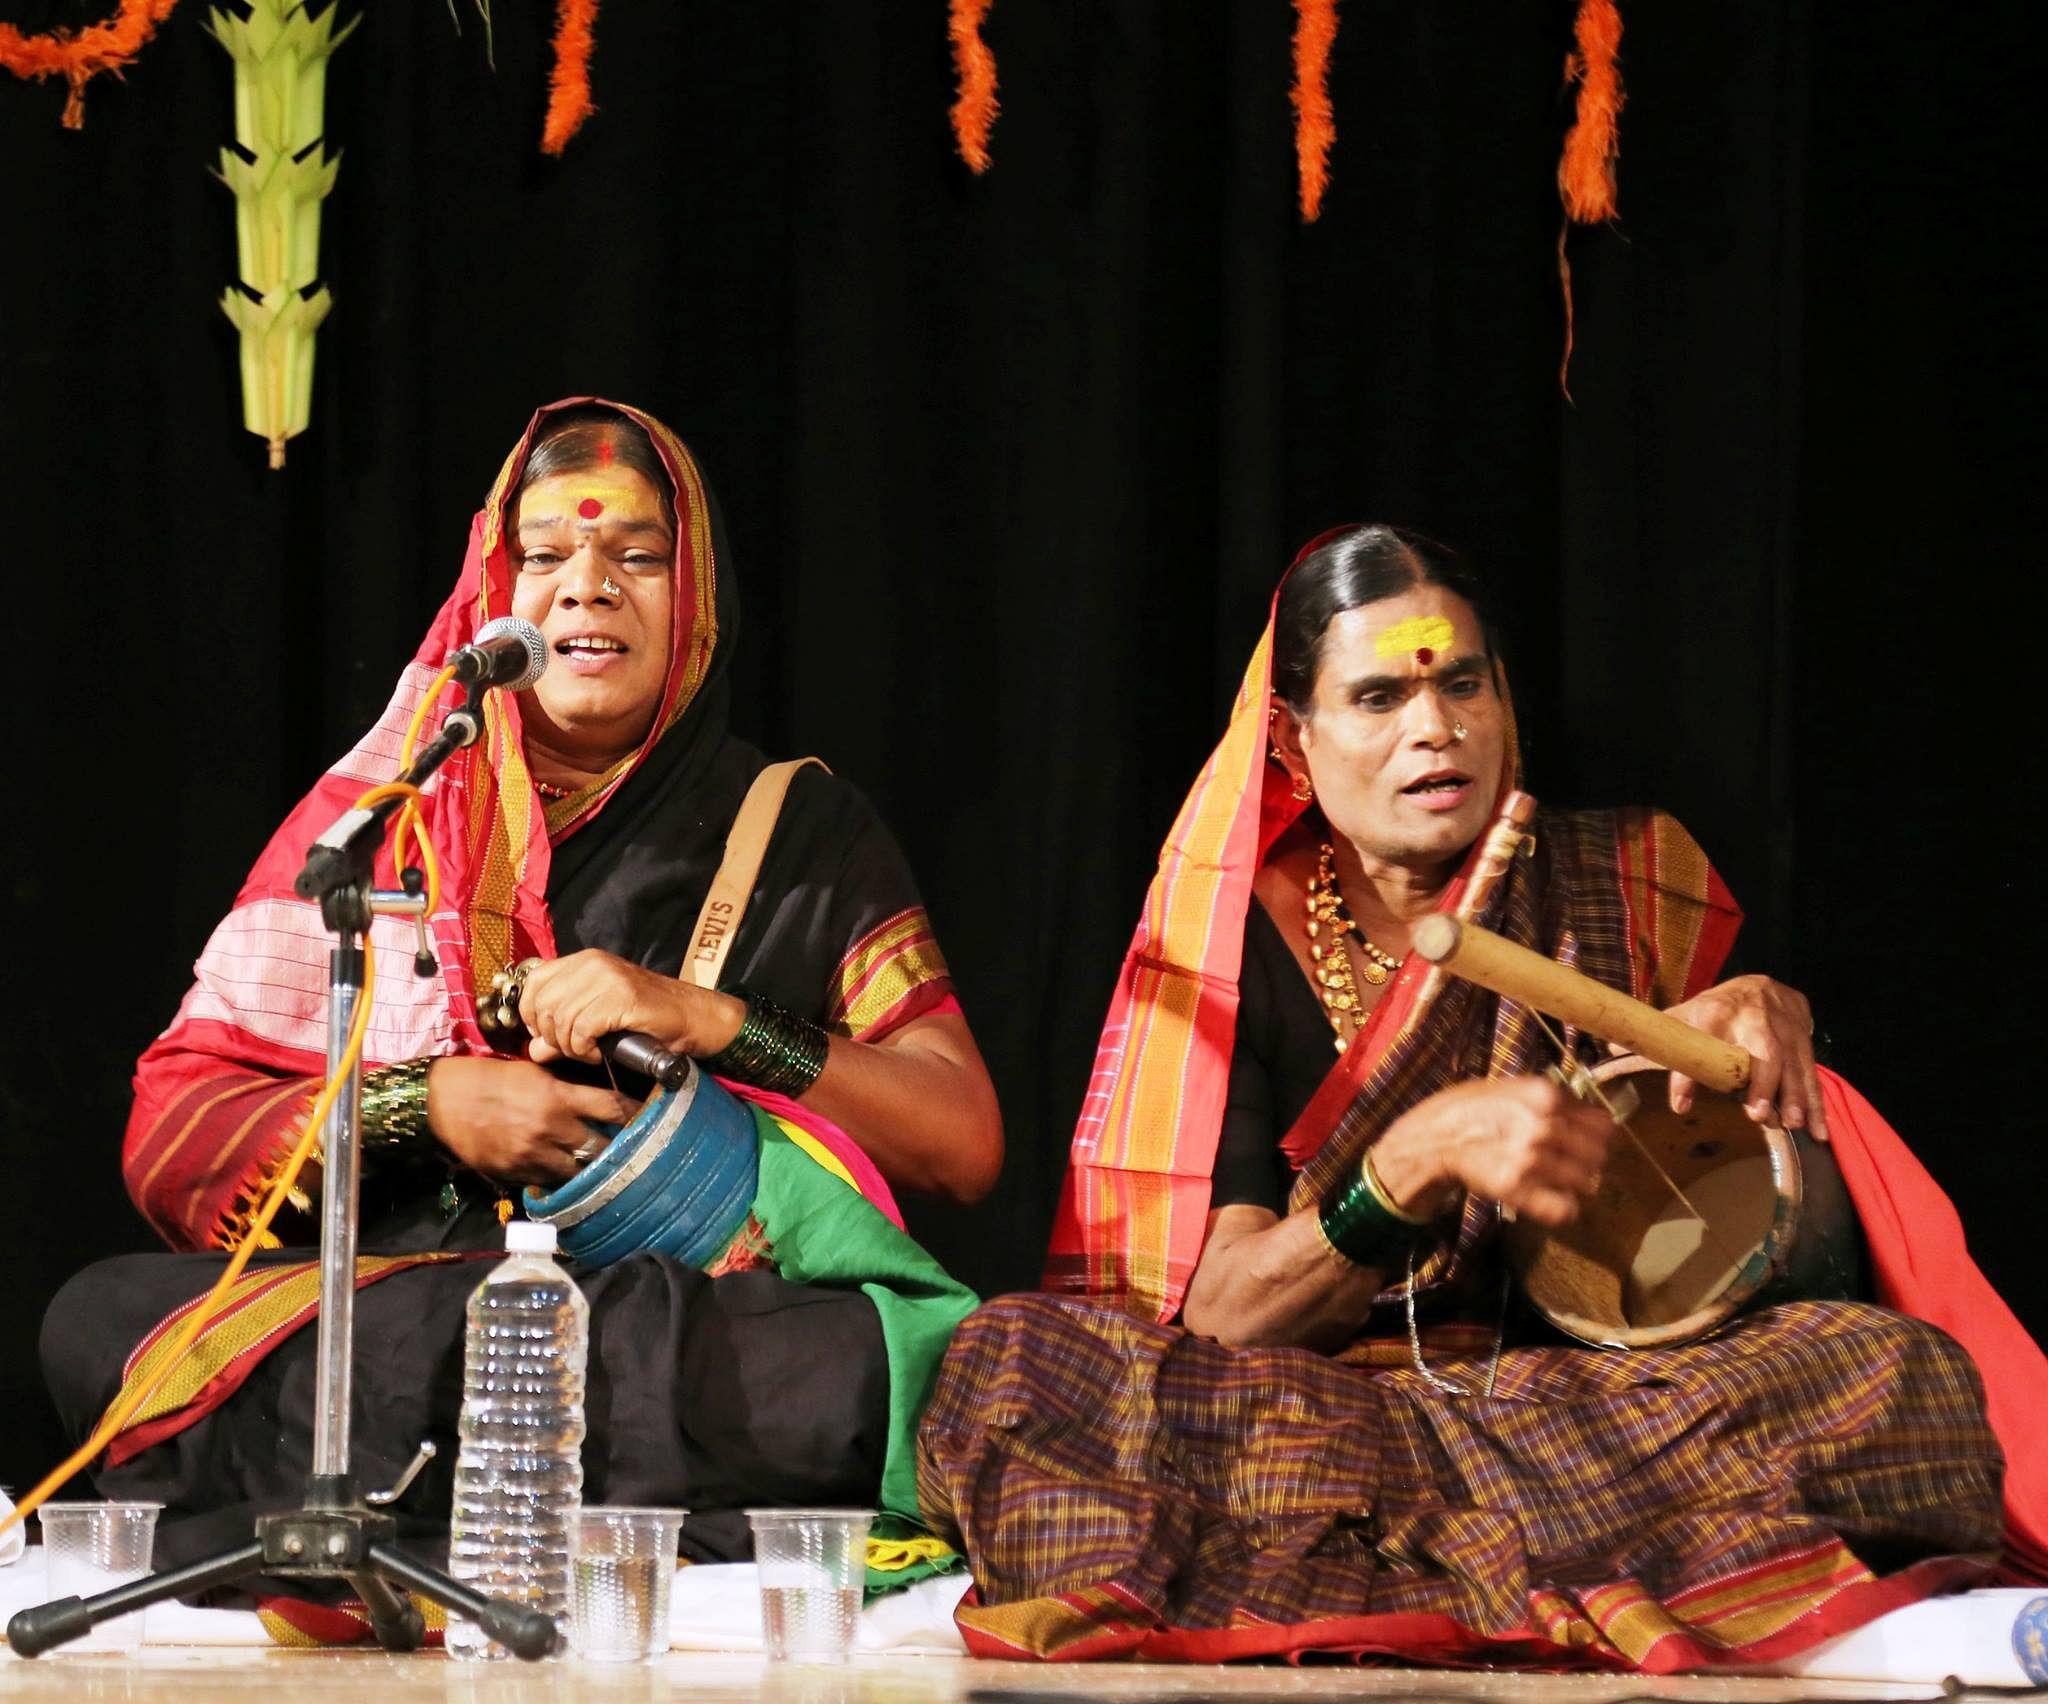 jogappas-transgender-community